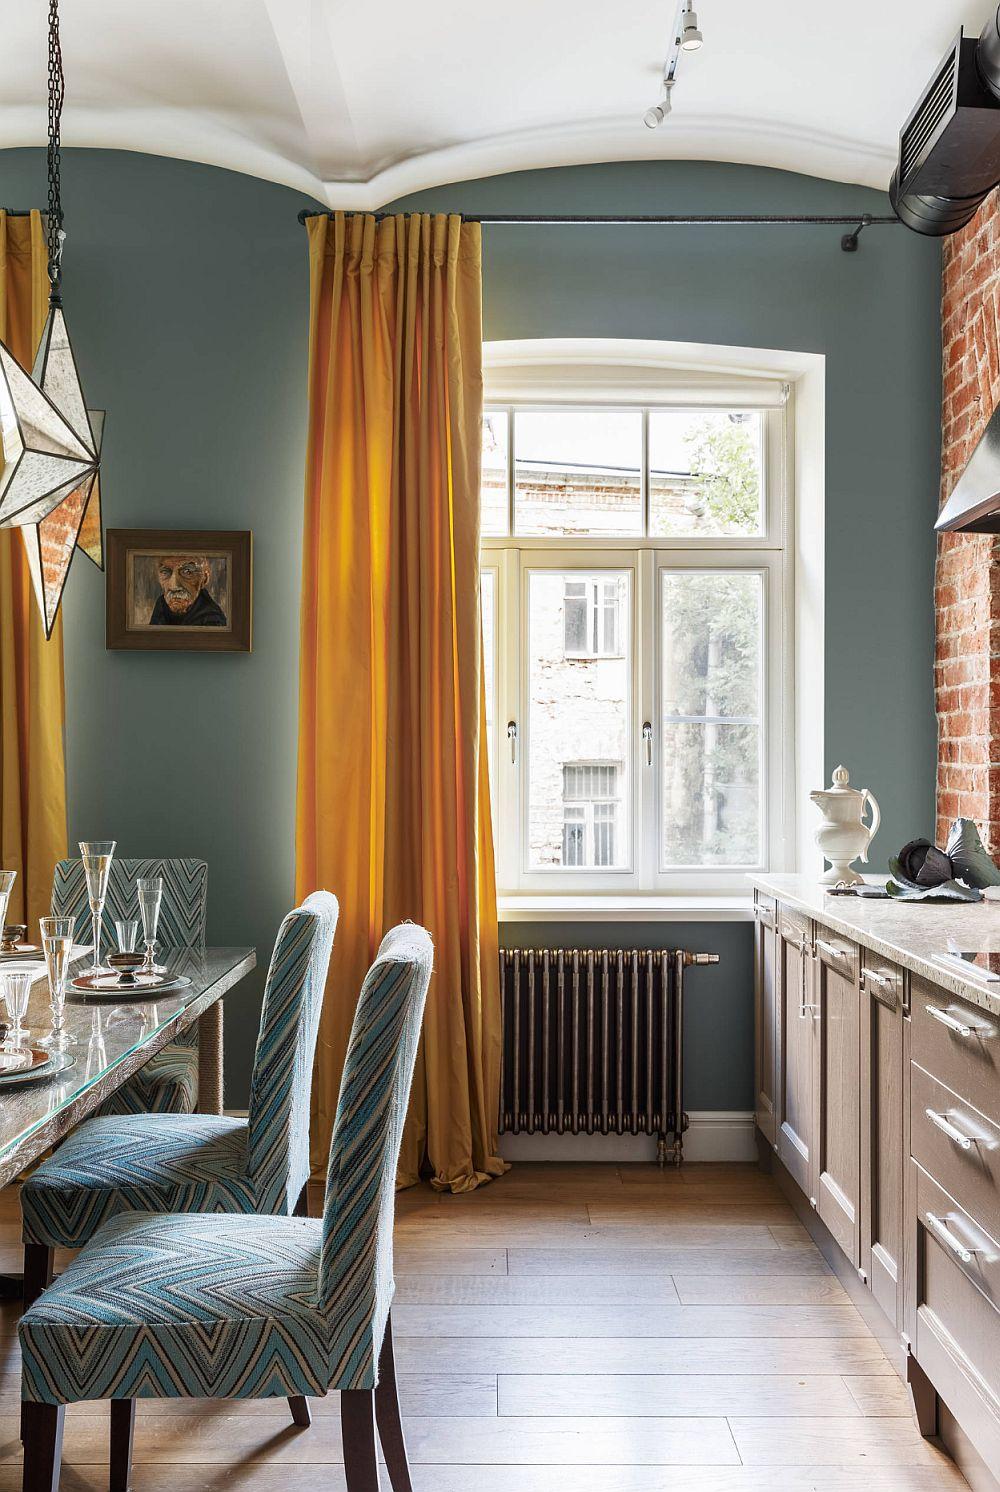 Bucătăria este organizată pe o singură latură, iar designerul a propus o mobilare cât mai sumară pentru a nu încărca spațiul. În schimb, față-n față cu fereastra din dreptul bucătăriei este ușa de acces către cămară, unde sunt depozitate toate cee necesare lucrului din bucătărie.